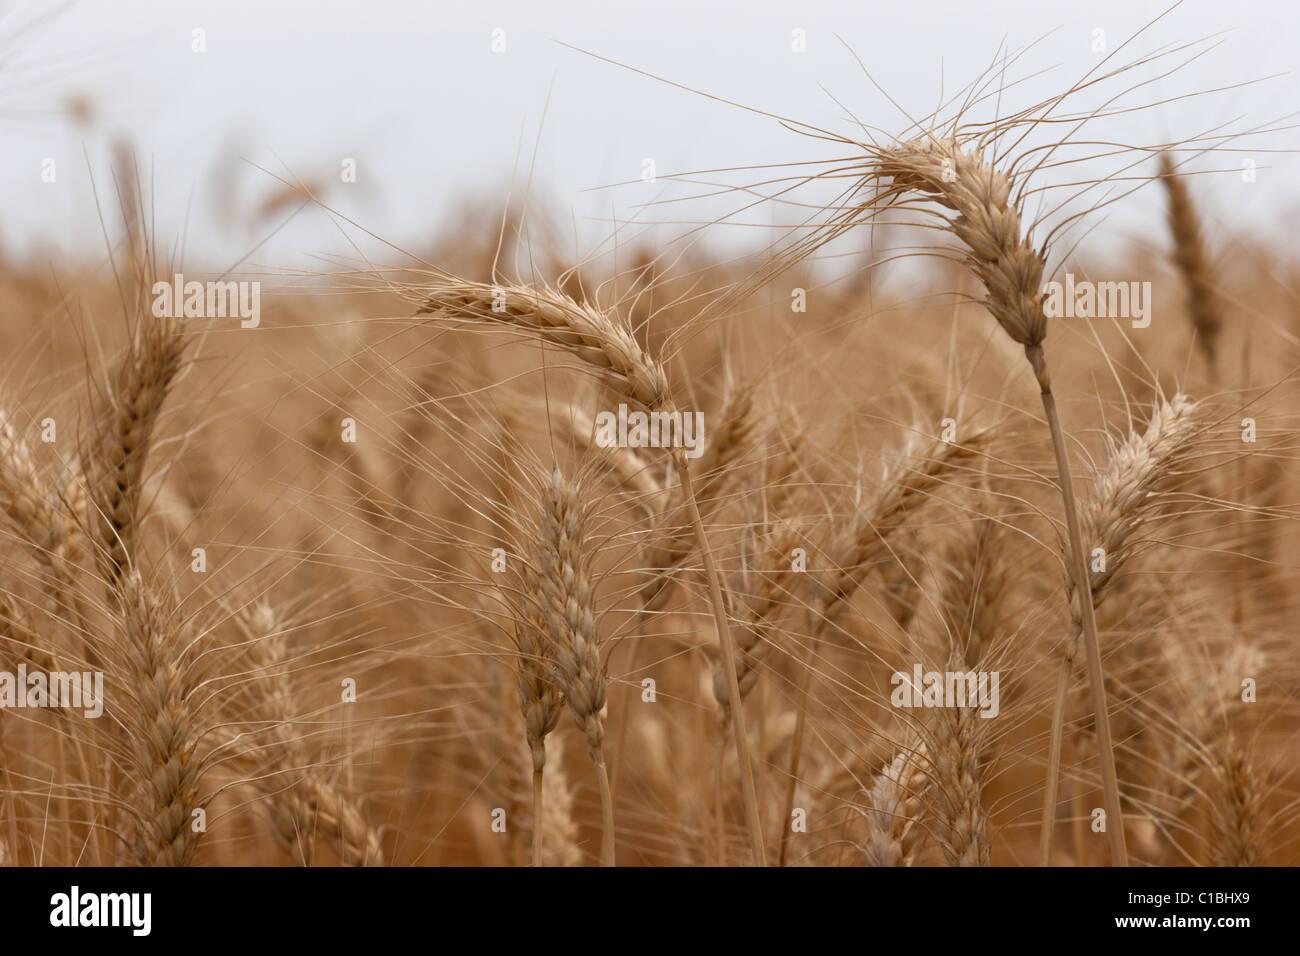 La récolte de céréales céréales blé orge alimentaire récolte agriculture champ Photo Stock